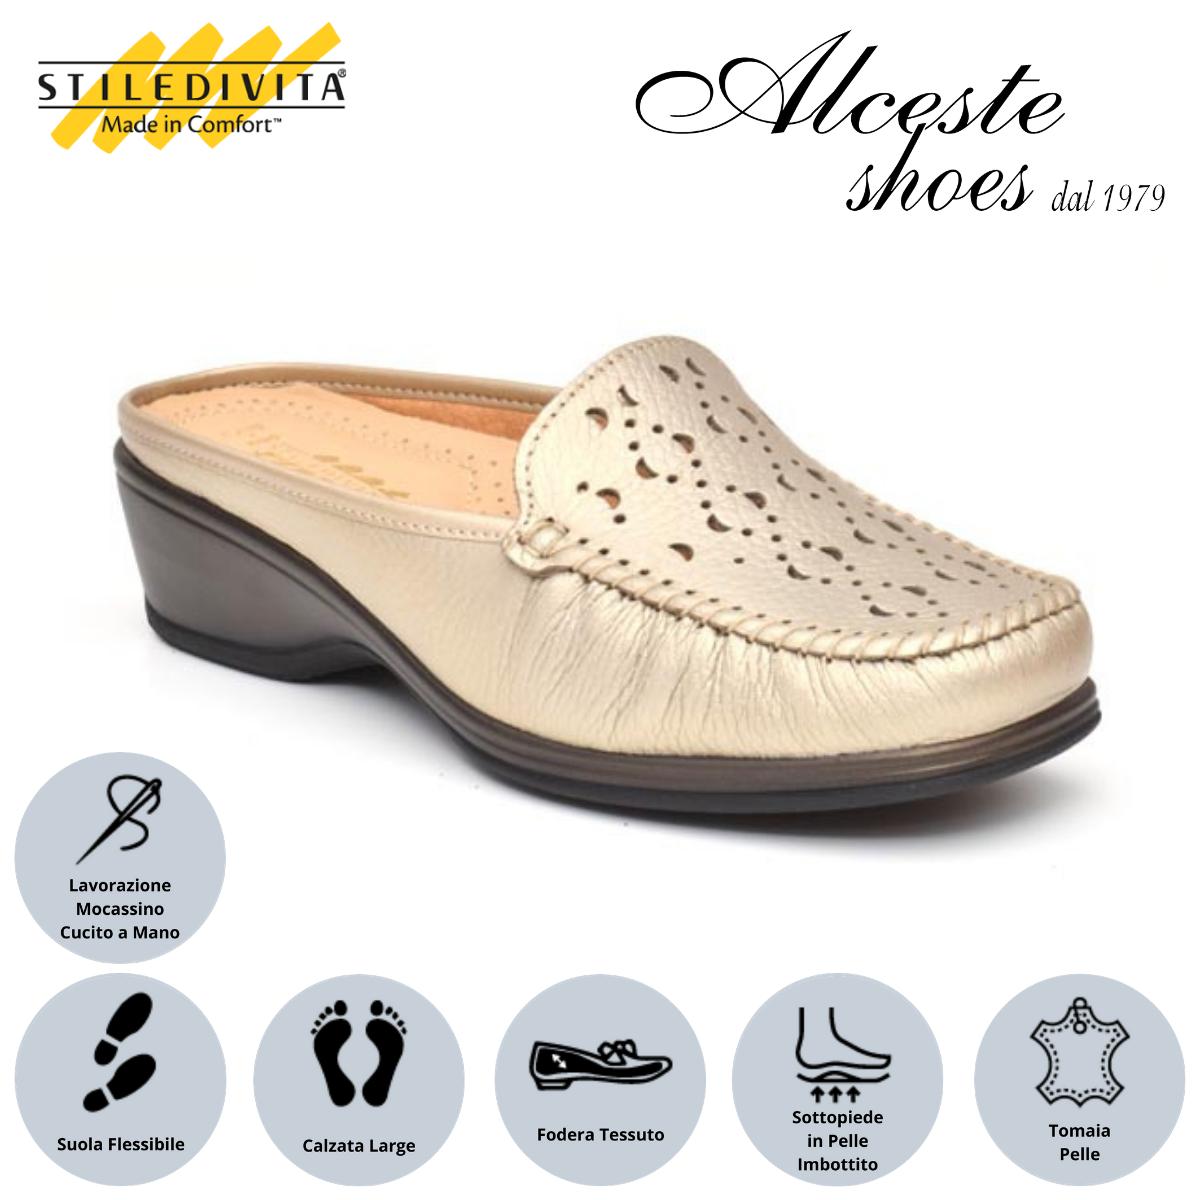 Sabò Traforato Stiledivita Art. 7373 Pelle Pietra Alceste Shoes 15 1